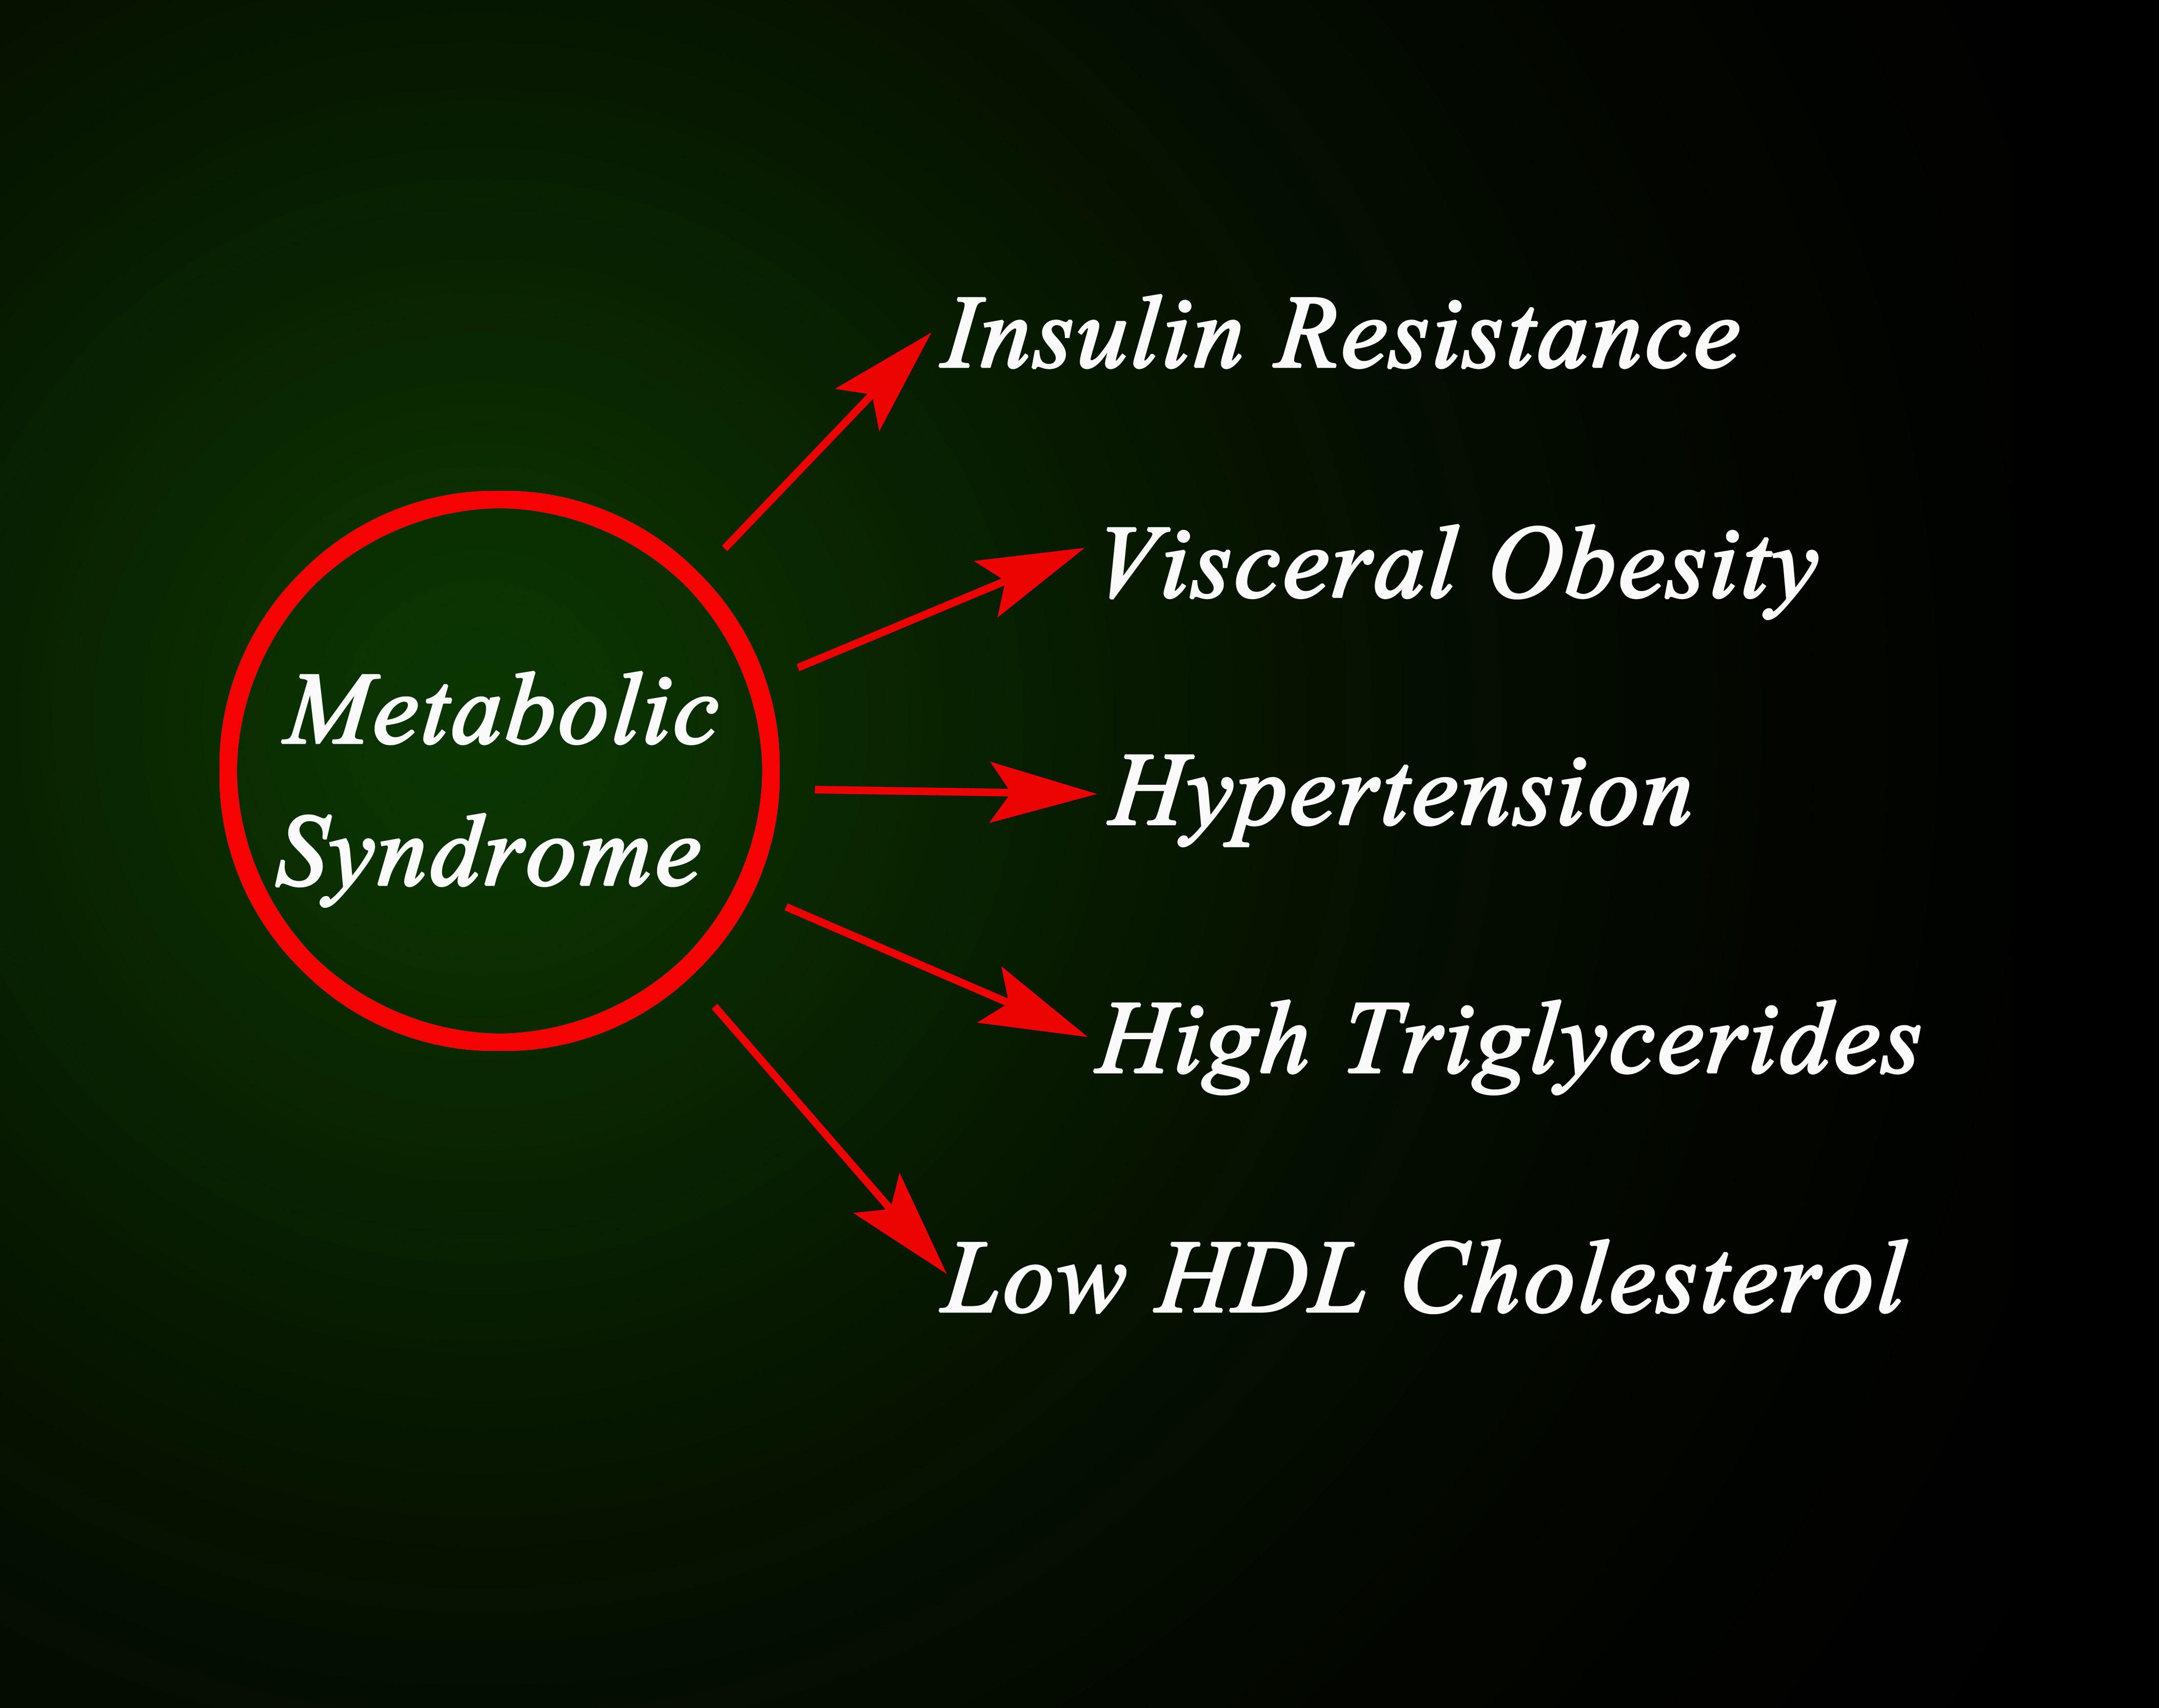 High triglycerides symptoms